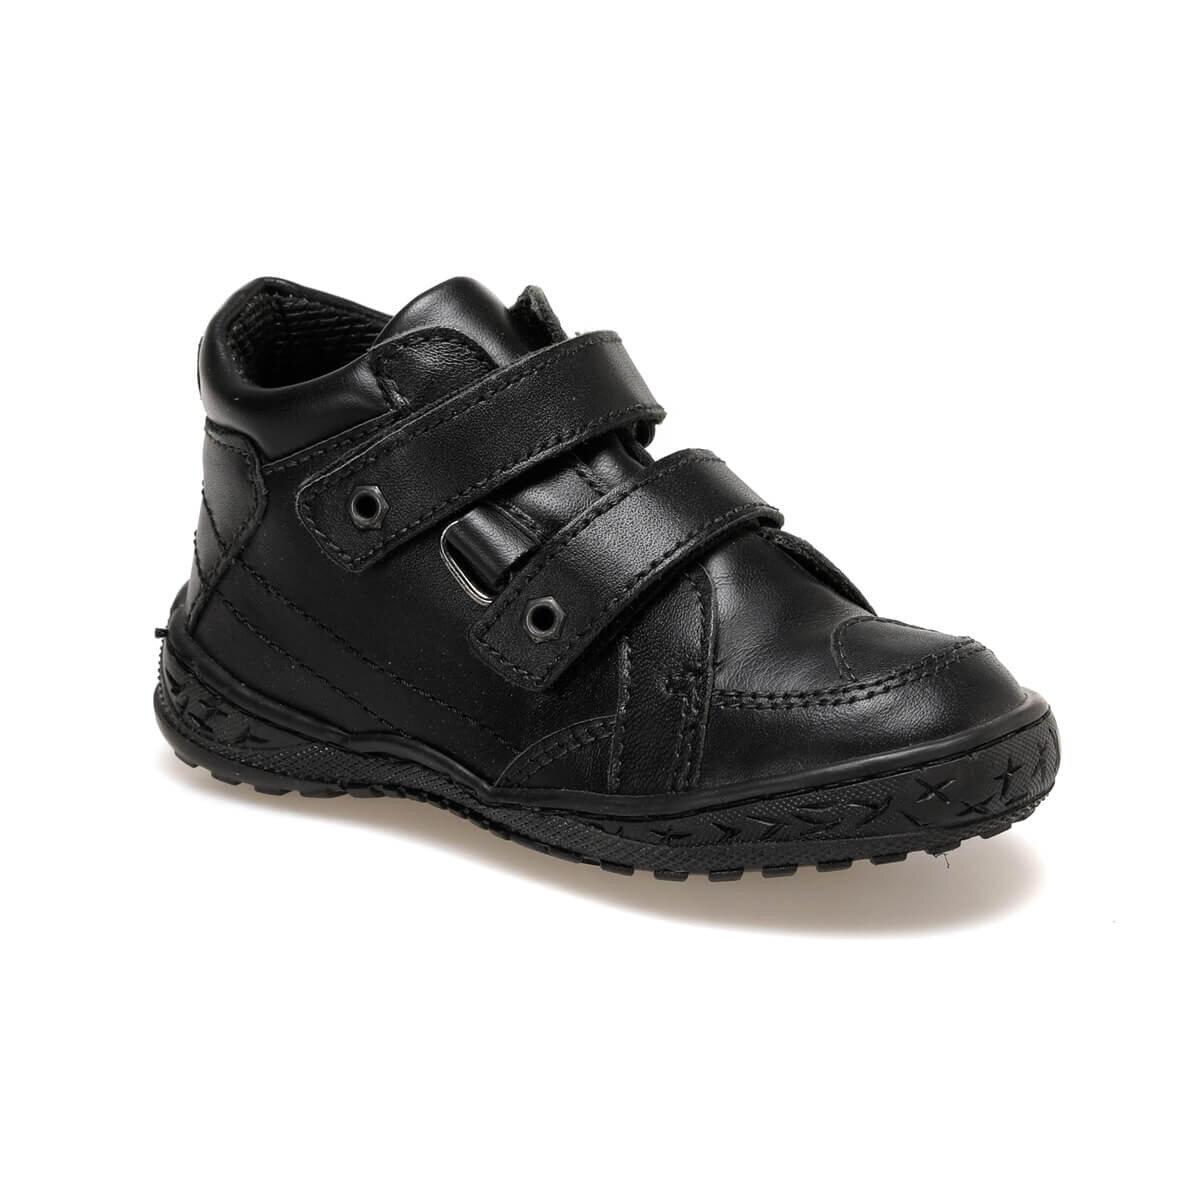 Детская обувь черного цвета для мальчиков FLO MELANIA Kifidis